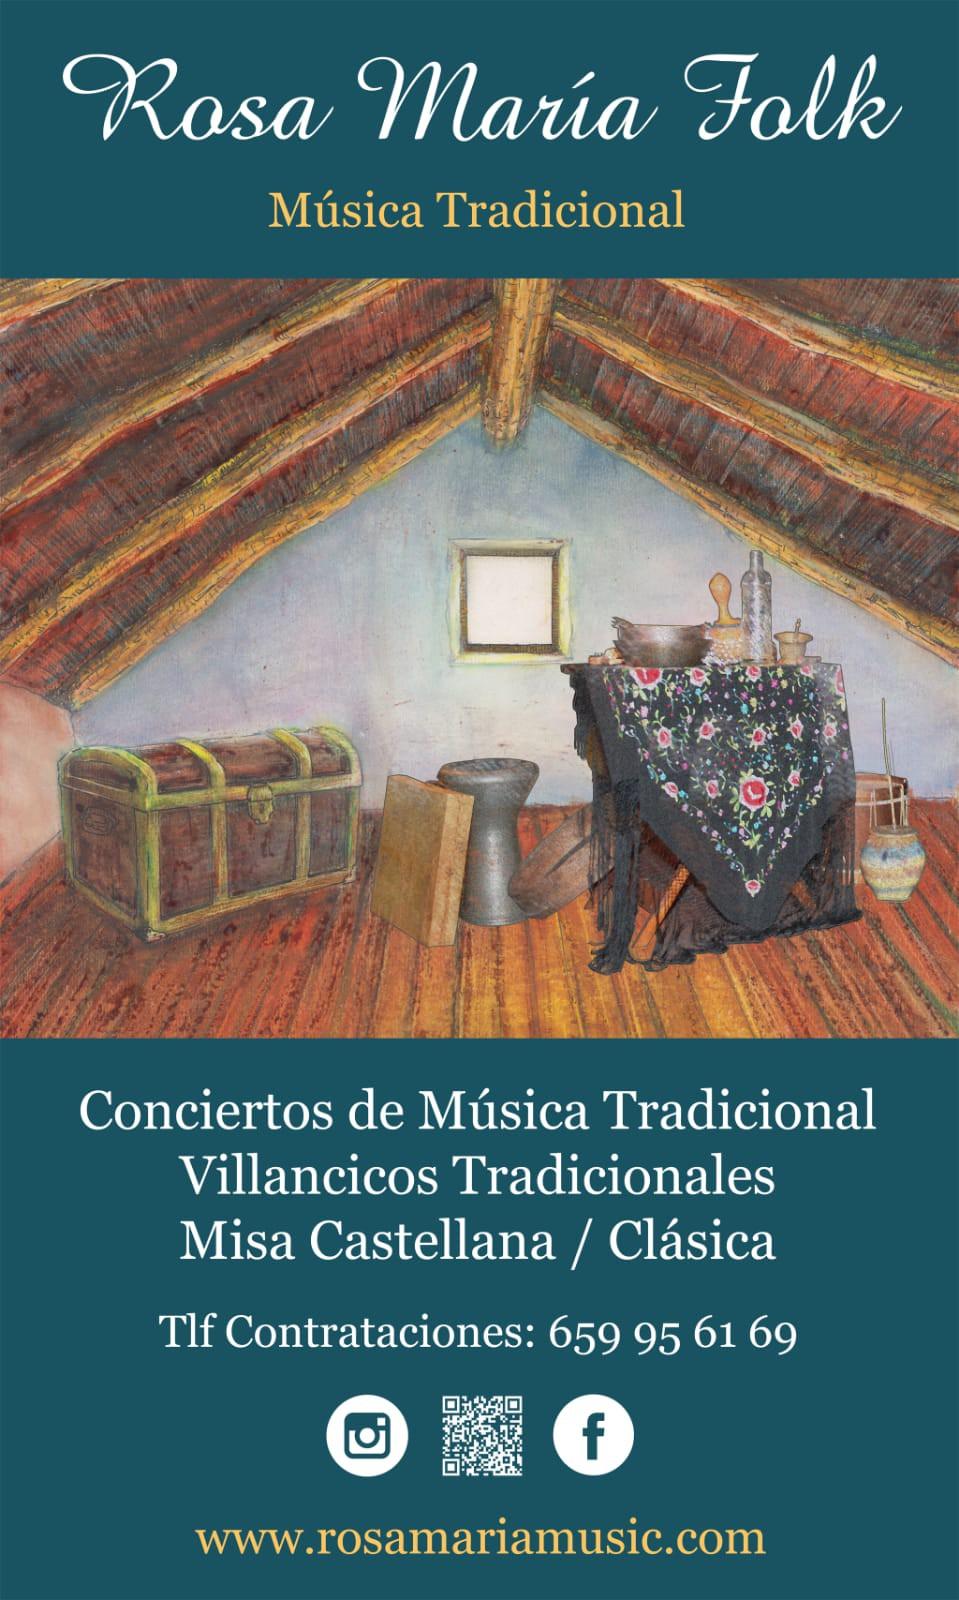 Concierto de Villancicos Tradicioanles en Ciudad Rodrigo